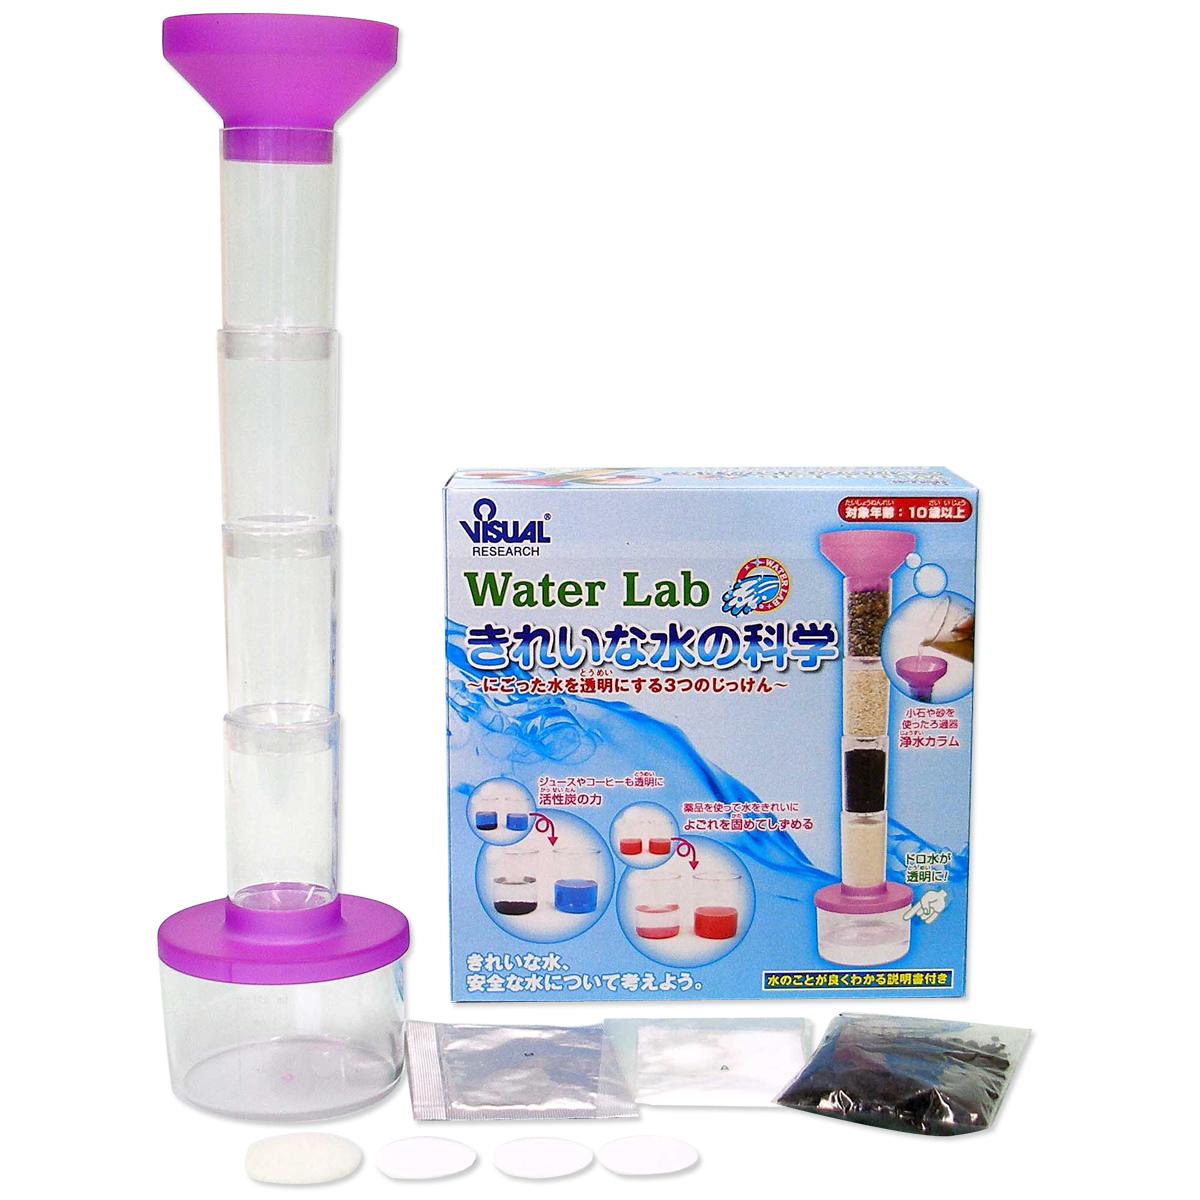 きれいな水の科学 実験セット キット 簡単 夏休み 自由研究 小学生 高学年 中学生 科学 理科 おもしろ実験 浄水カラム ろ過 おもちゃ クリスマスプレゼント